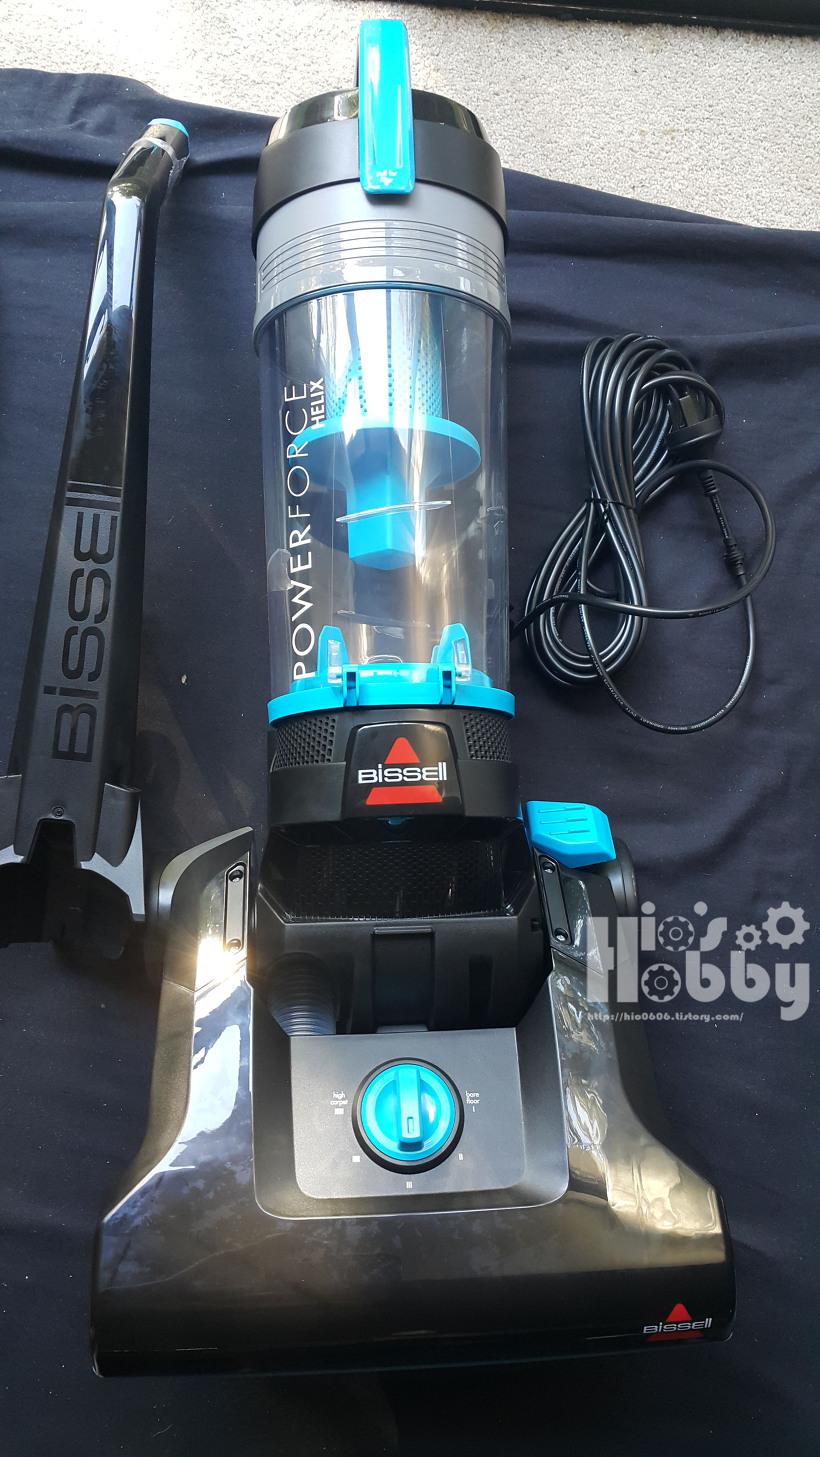 뉴질랜드에서 산 가전제품 2 bissell 진공 청소기